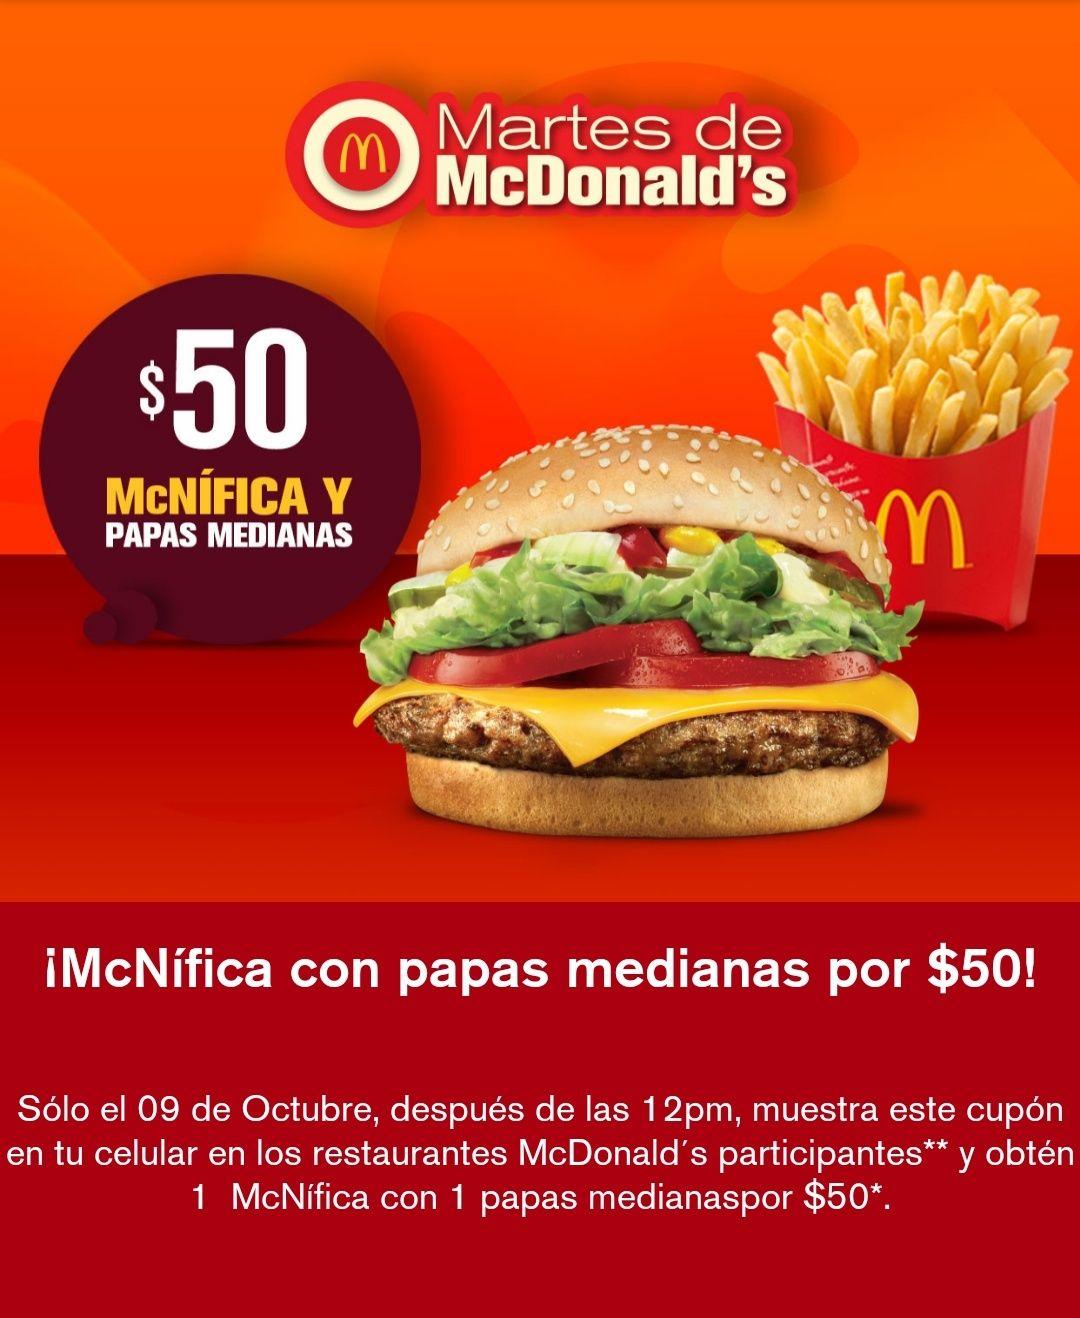 Martes de McDonald's: McNífica y papas por $50 pesos